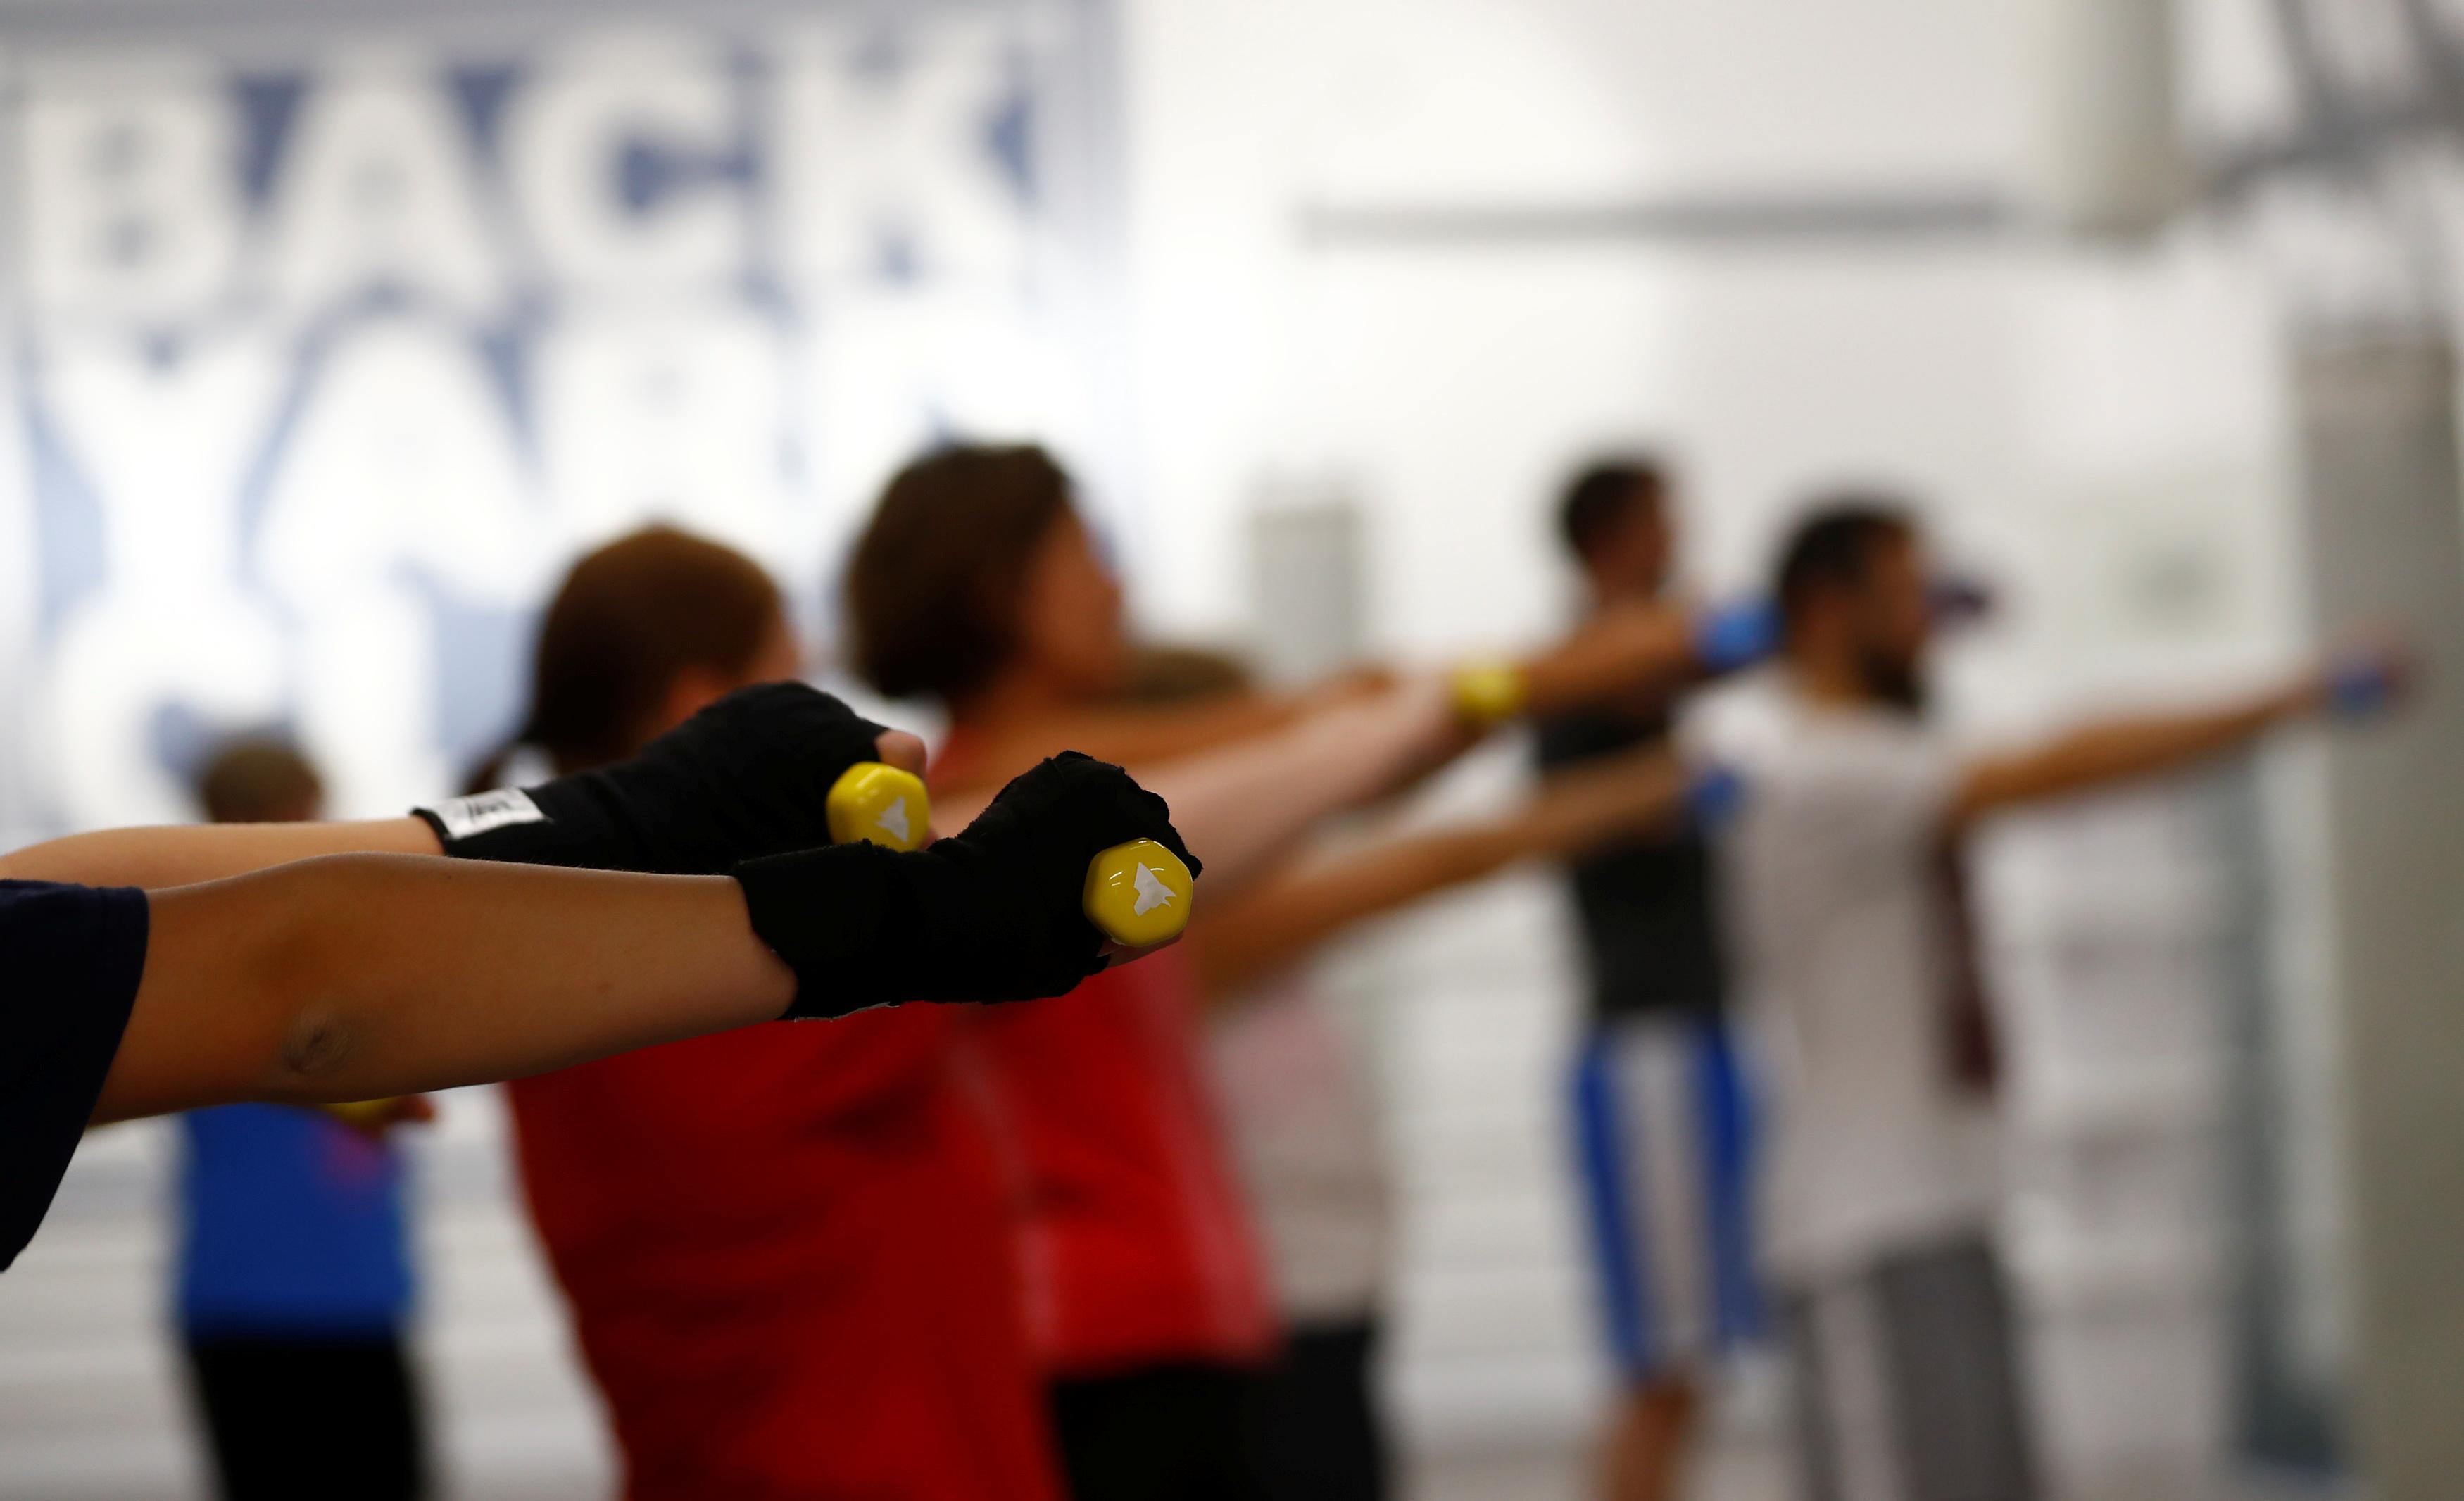 Польский фитнес-клуб объявил себя храмом, чтобы не закрыться в пандемию